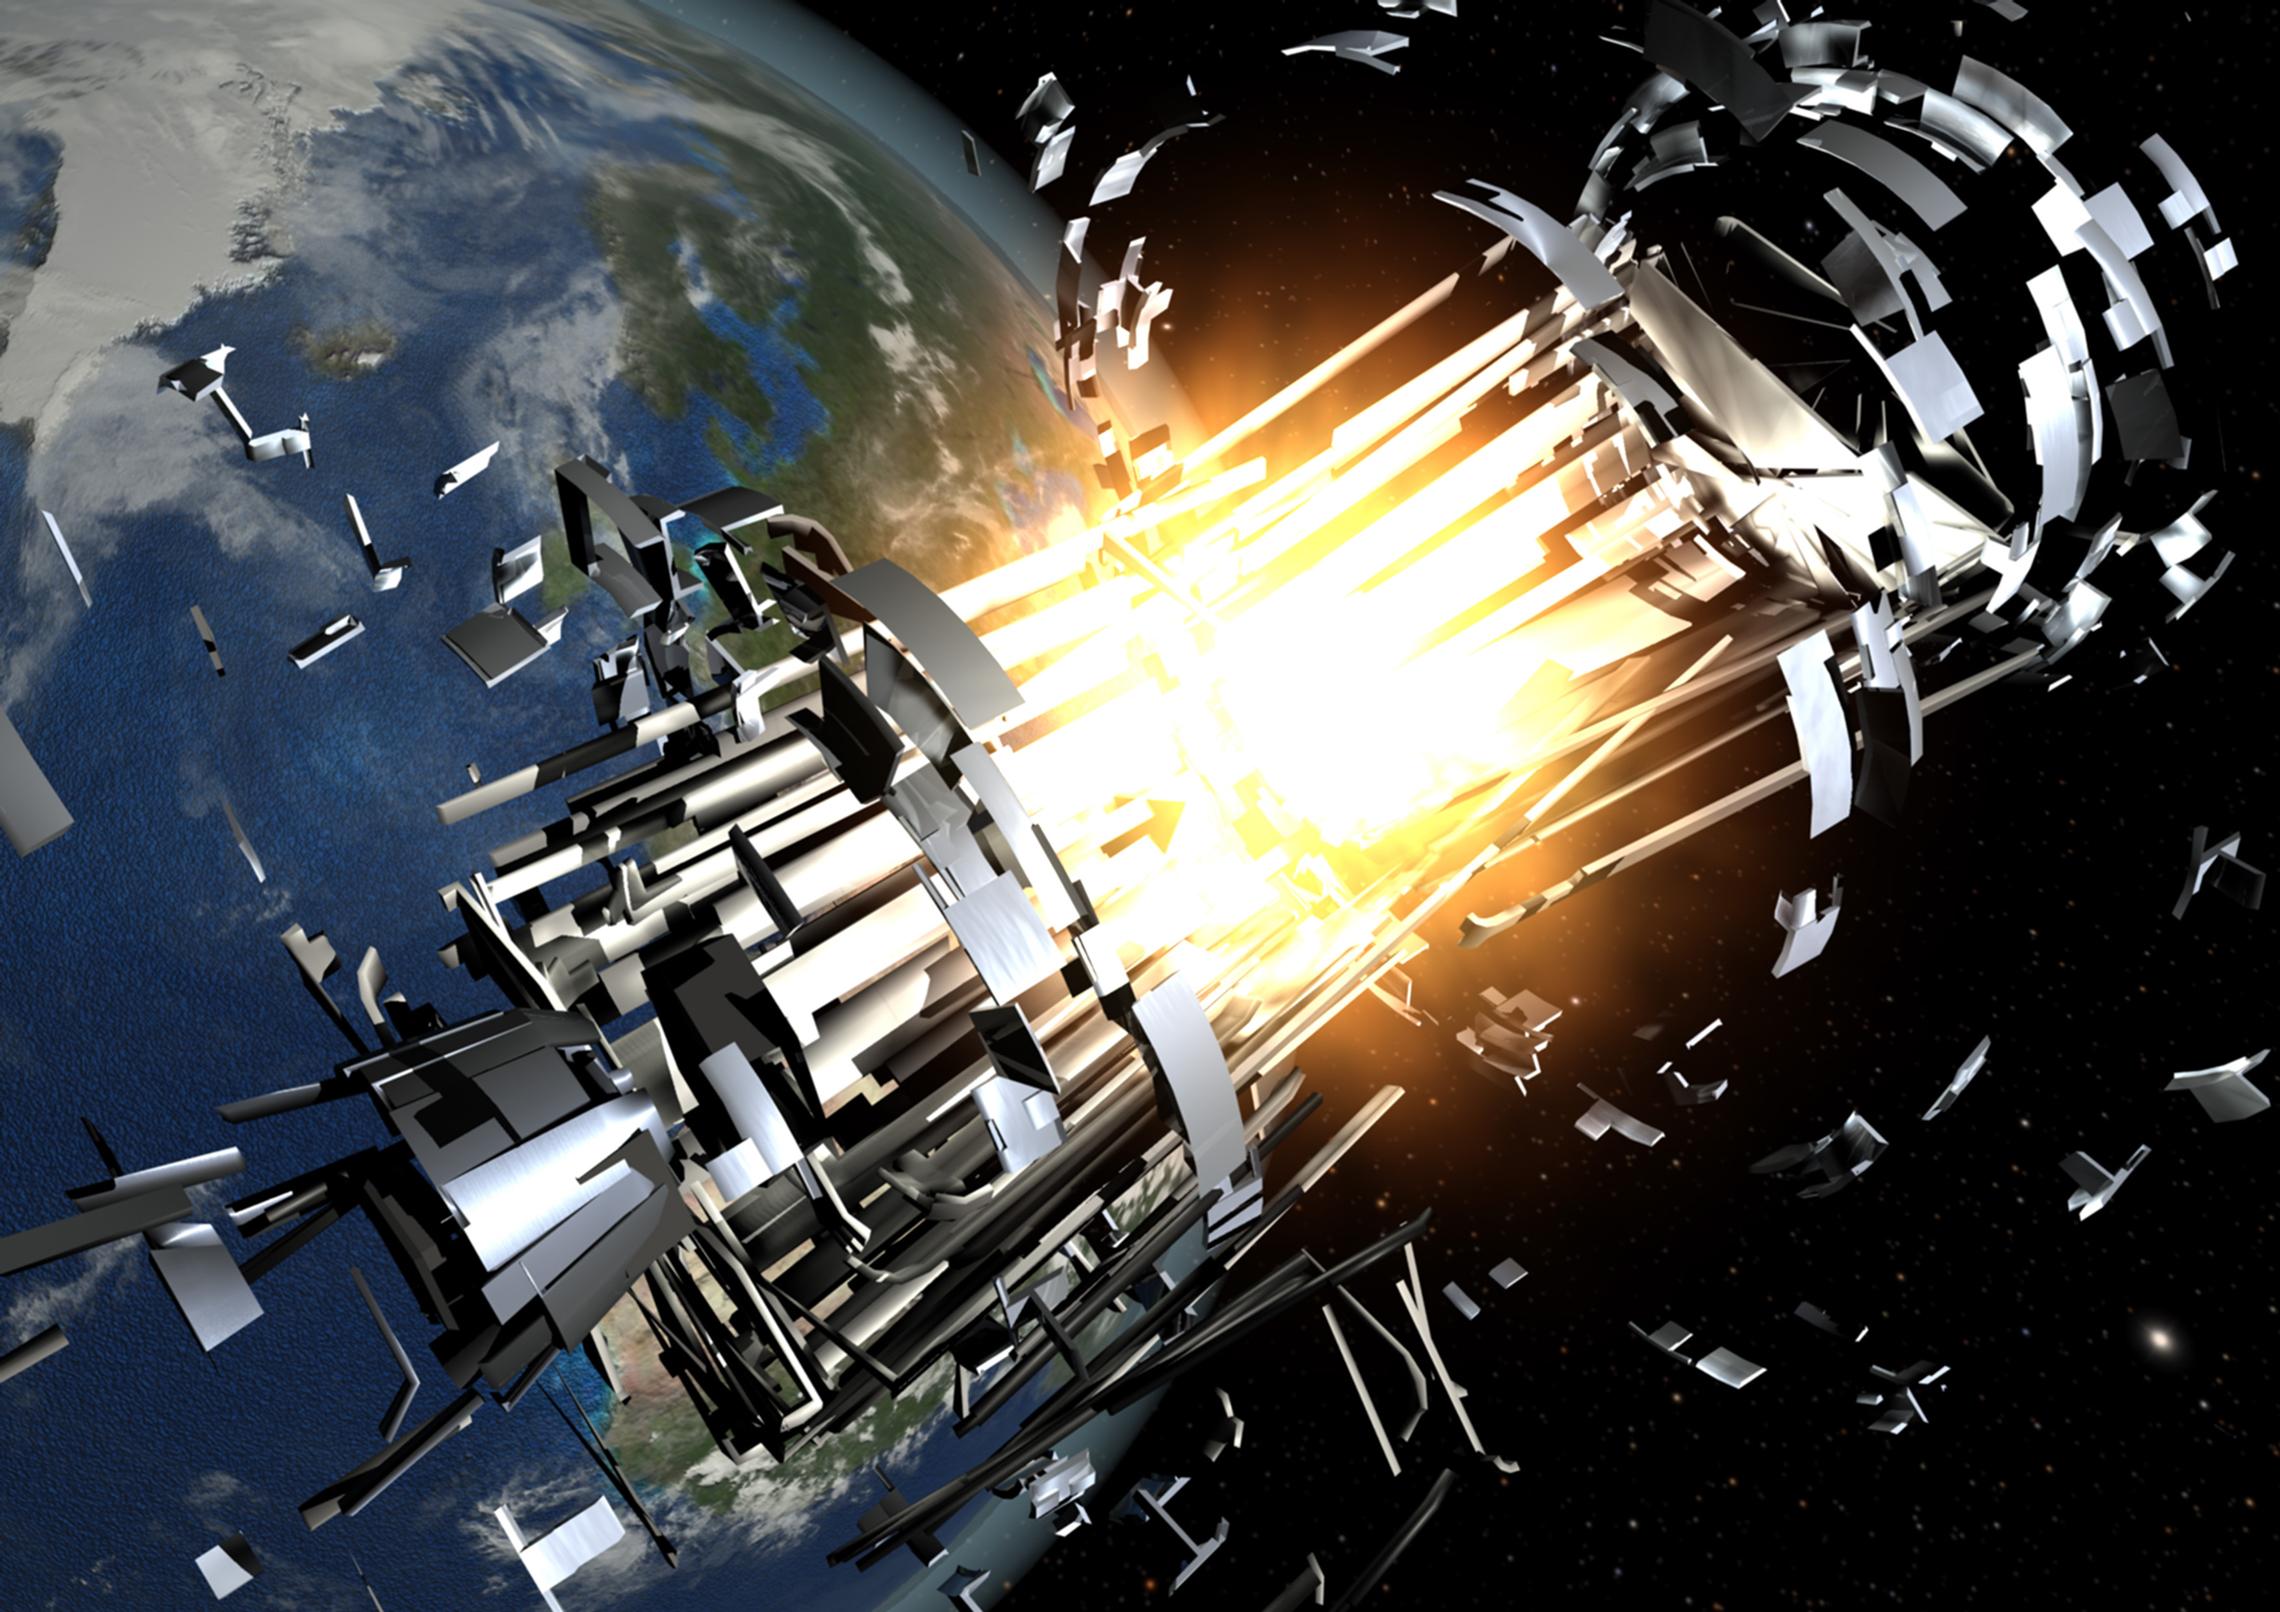 satellite explosion